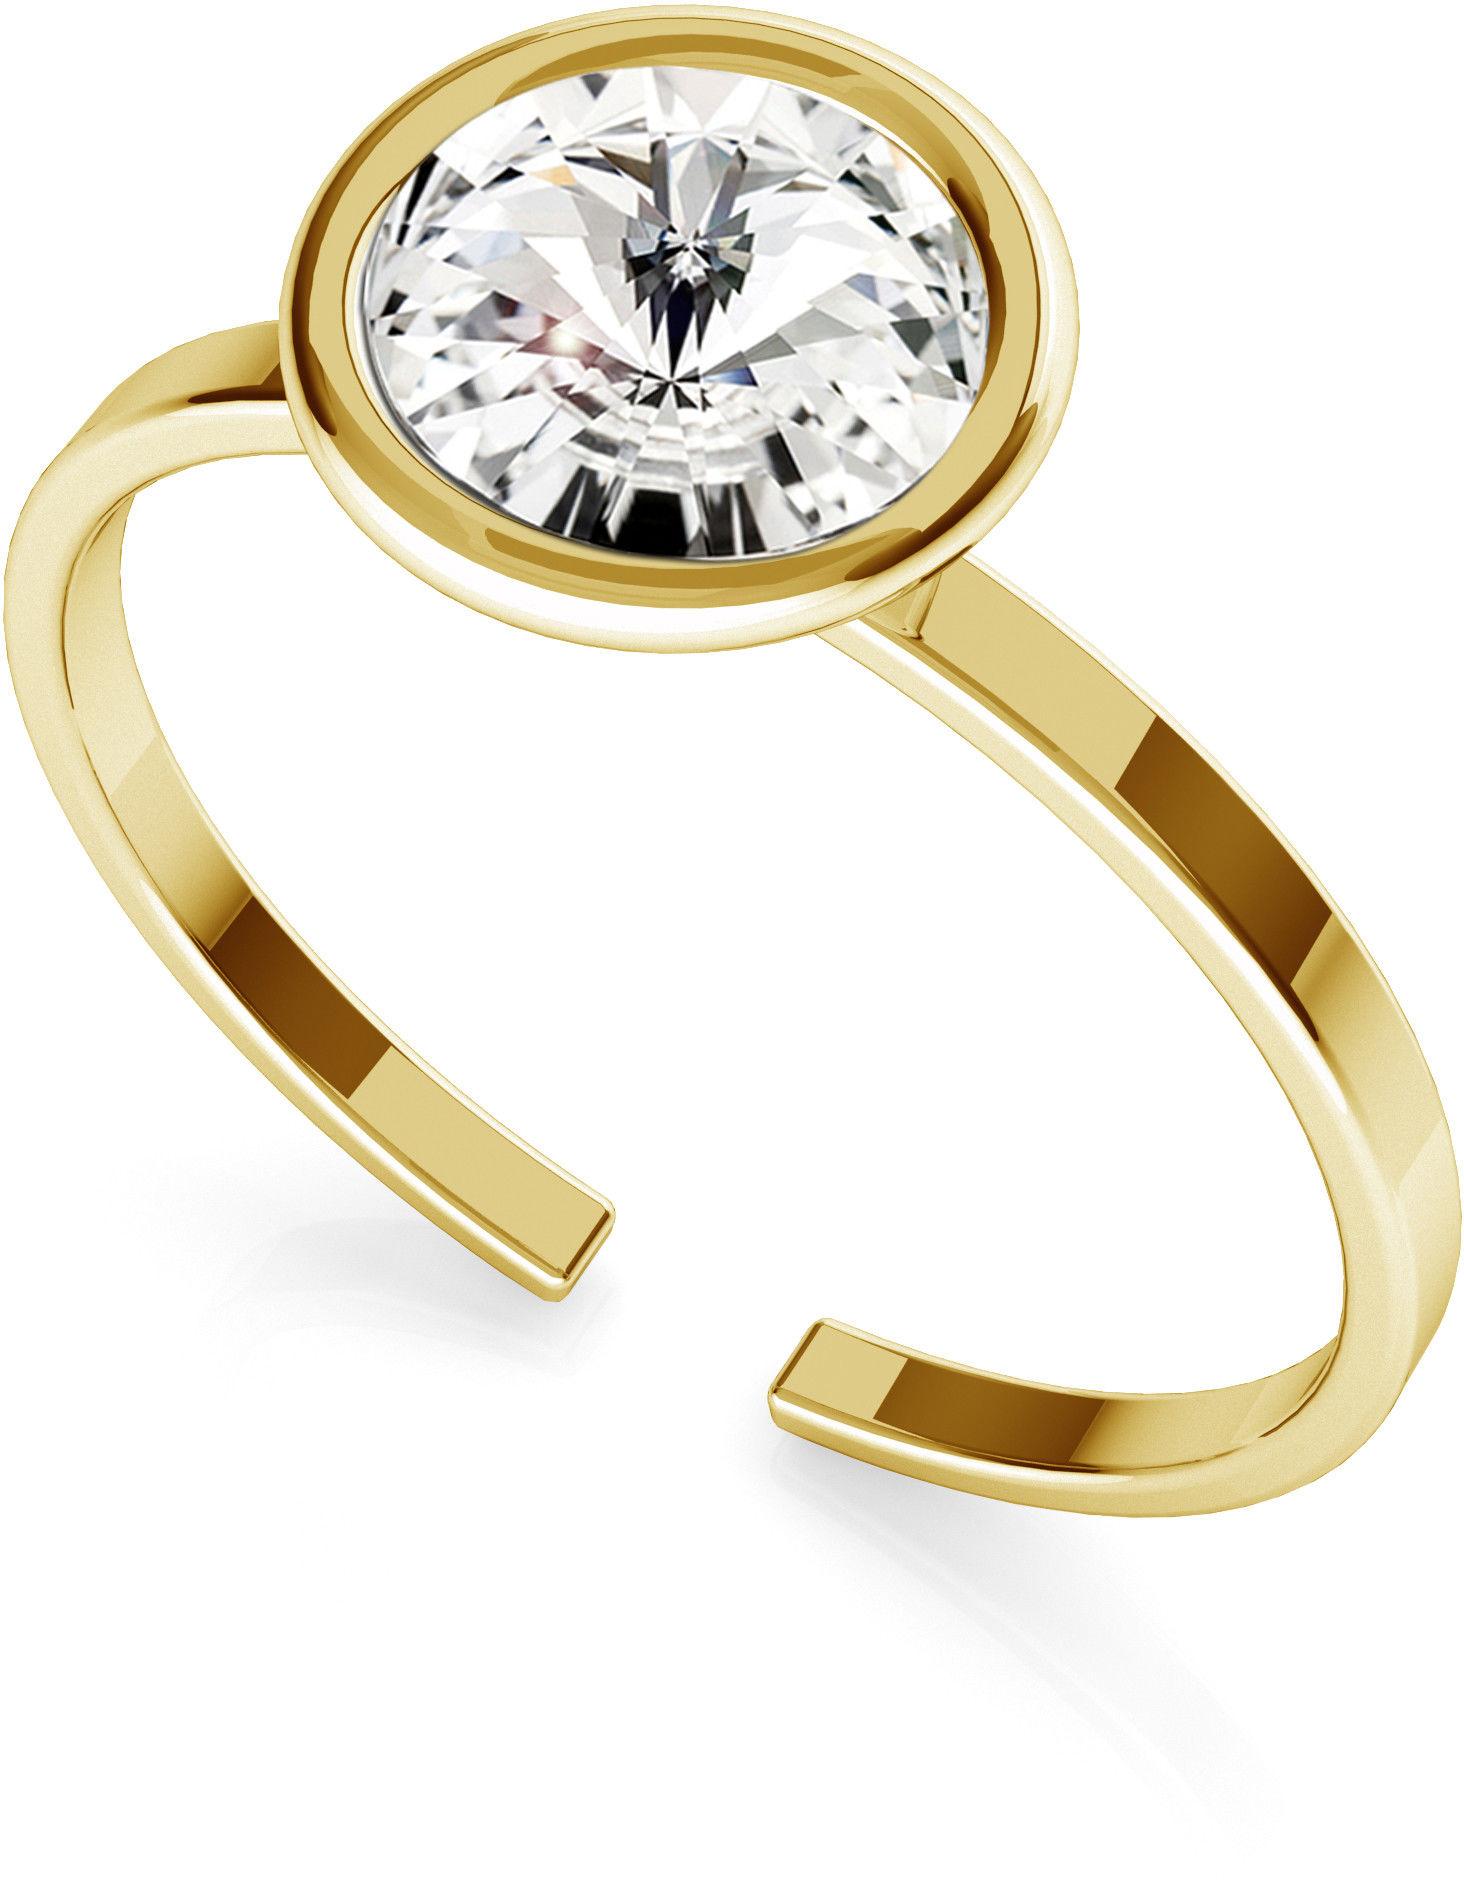 Srebrny pierścionek z kryształem Rivoli My RING, srebro 925 : Srebro - kolor pokrycia - Pokrycie żółtym 18K złotem, SWAROVSKI - kolor kryształu - Crystal